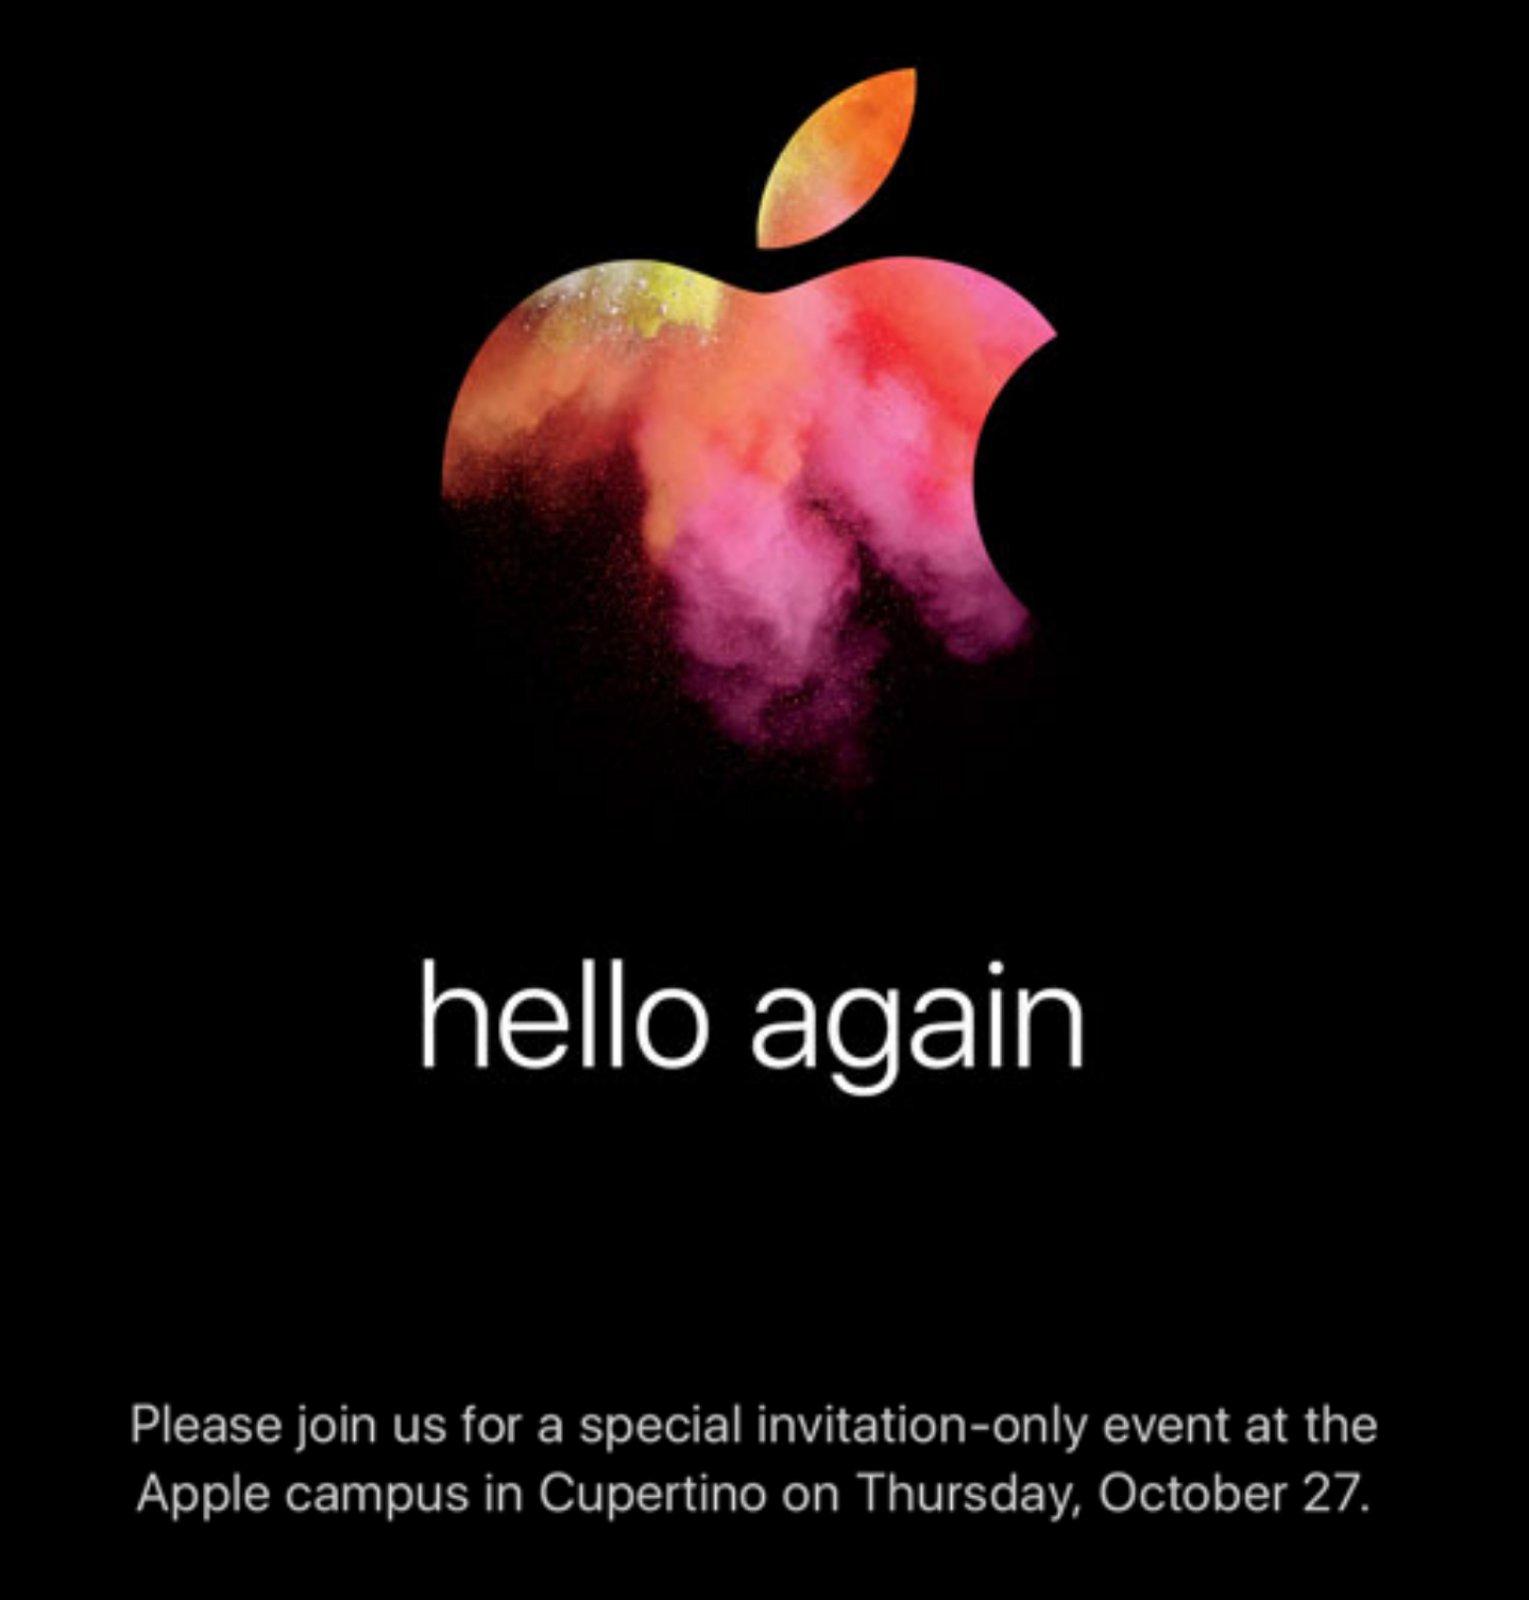 Les nouveaux MacBook Pro d'Apple intégreraient la puce S1 de l'Apple Watch